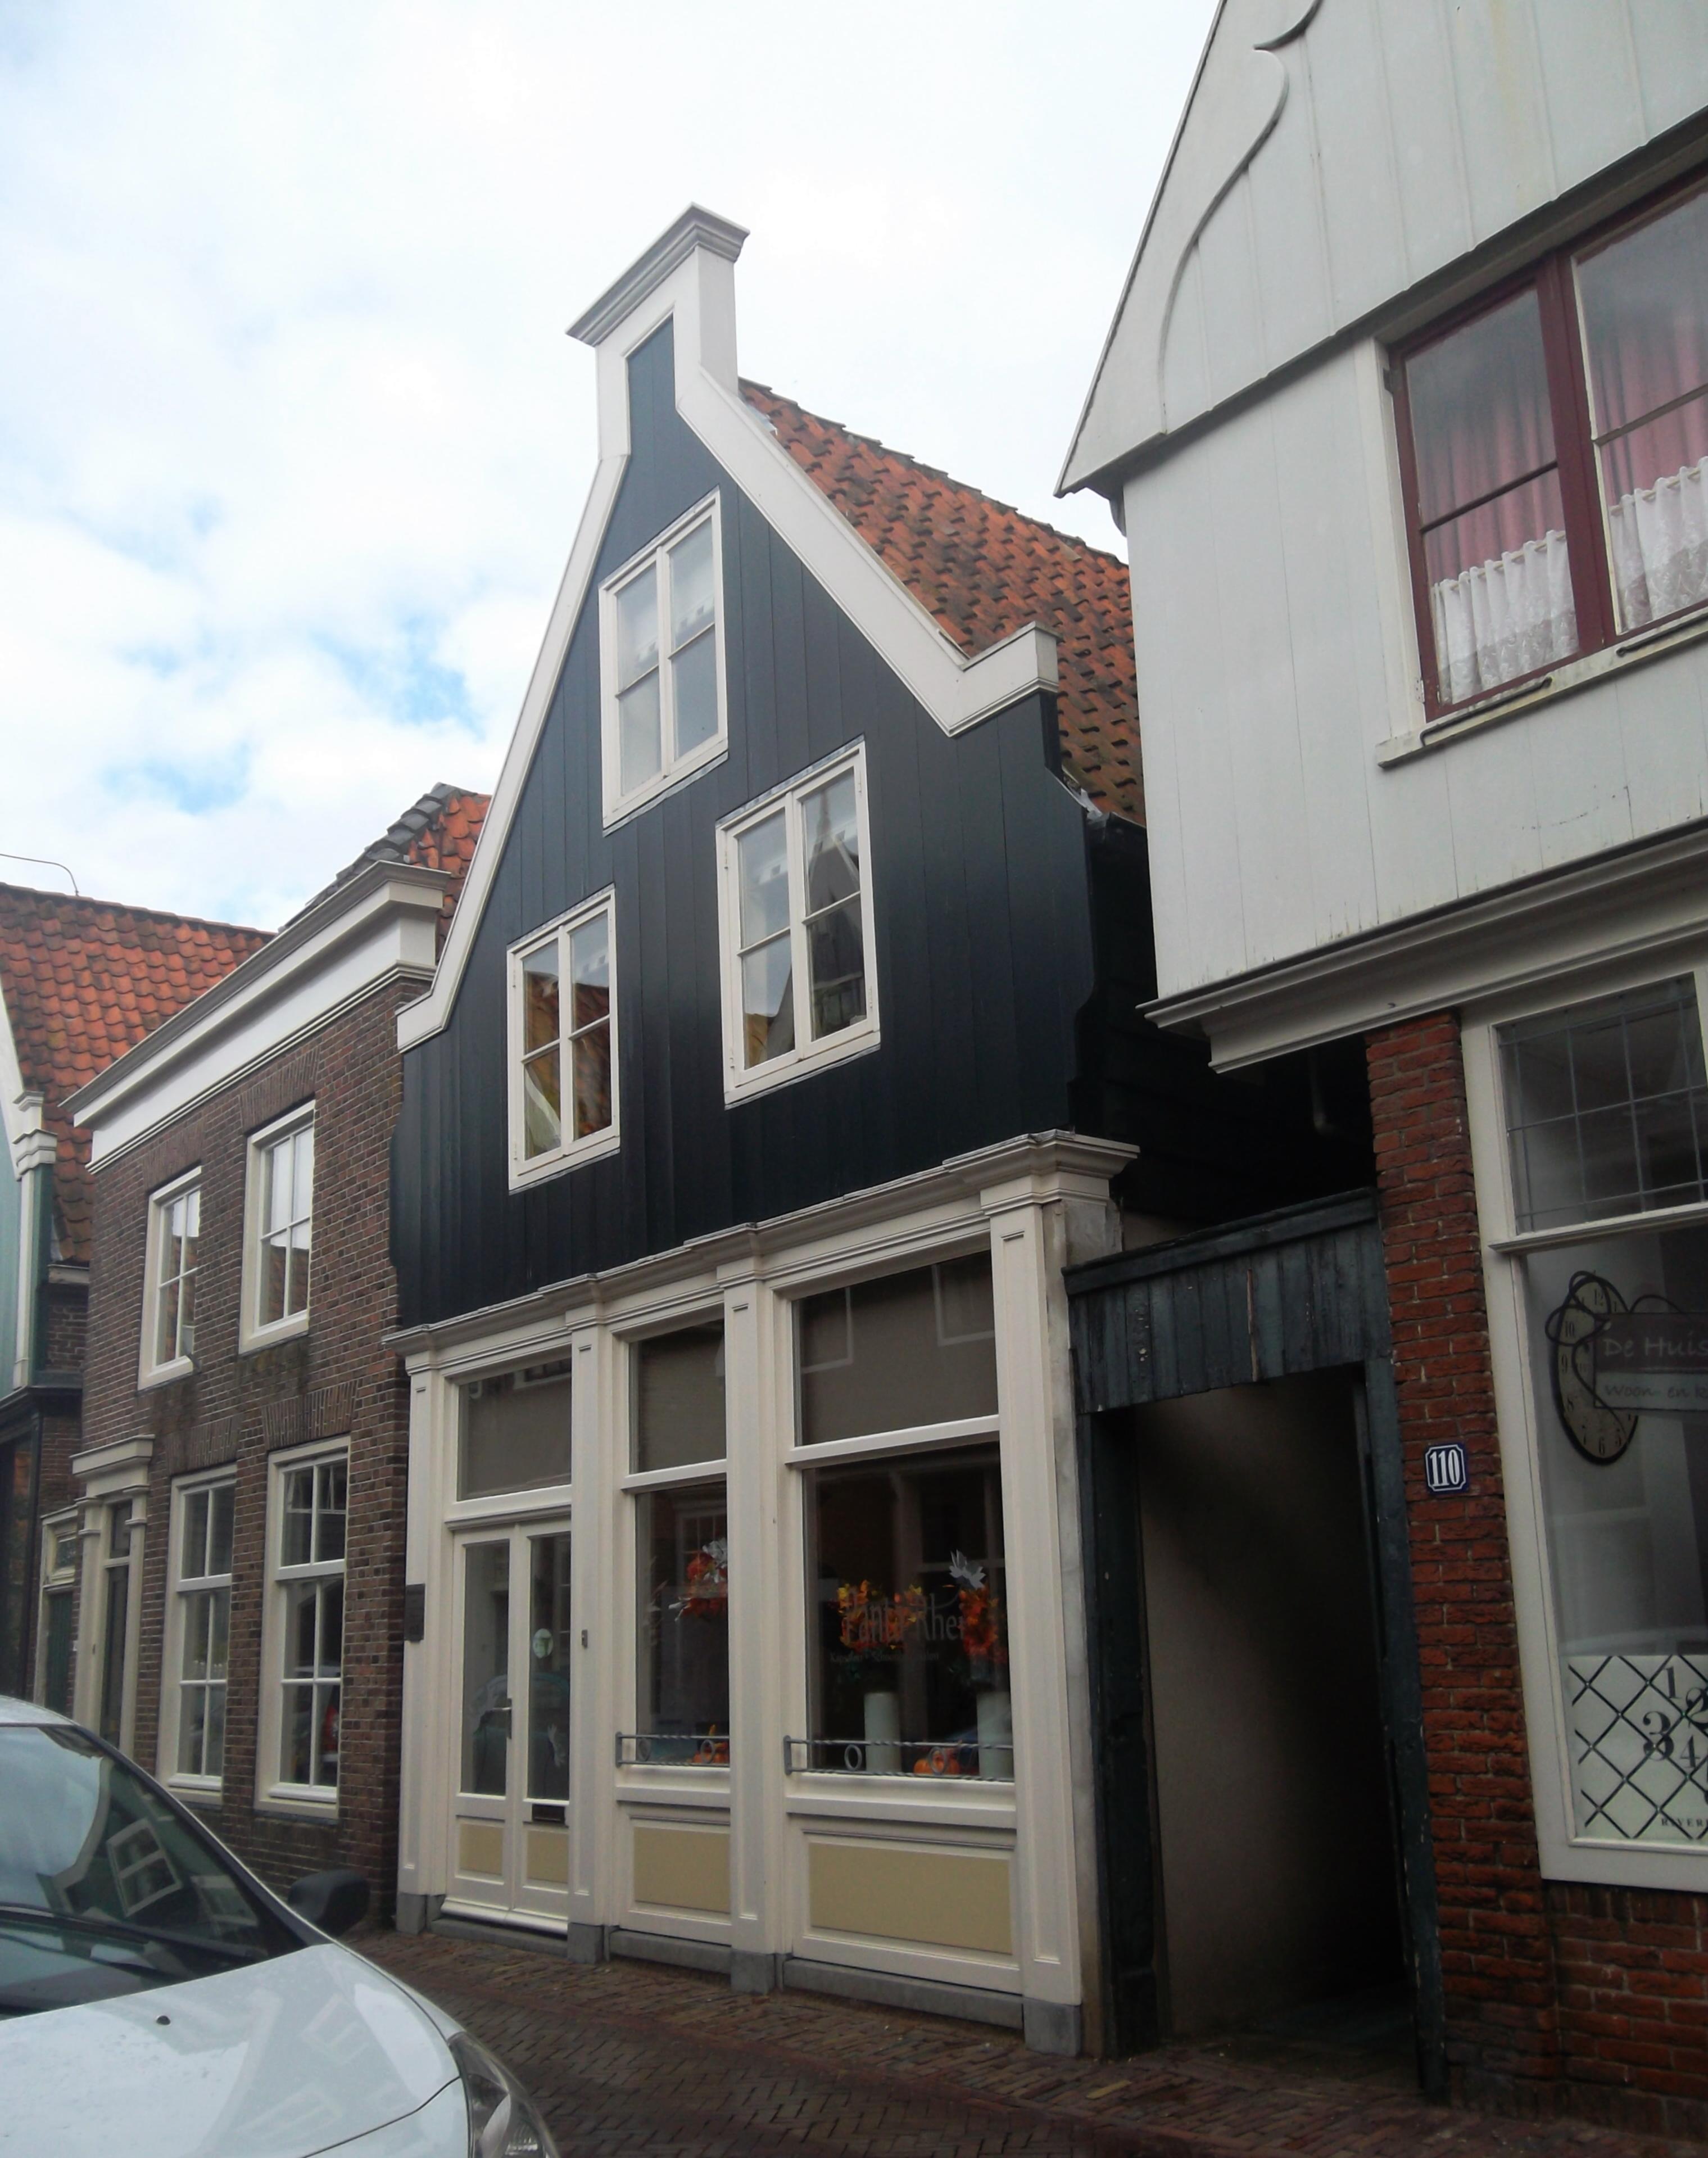 Huis met zadeldak en houten topgevel op geprofileerde for Lijst inrichting huis